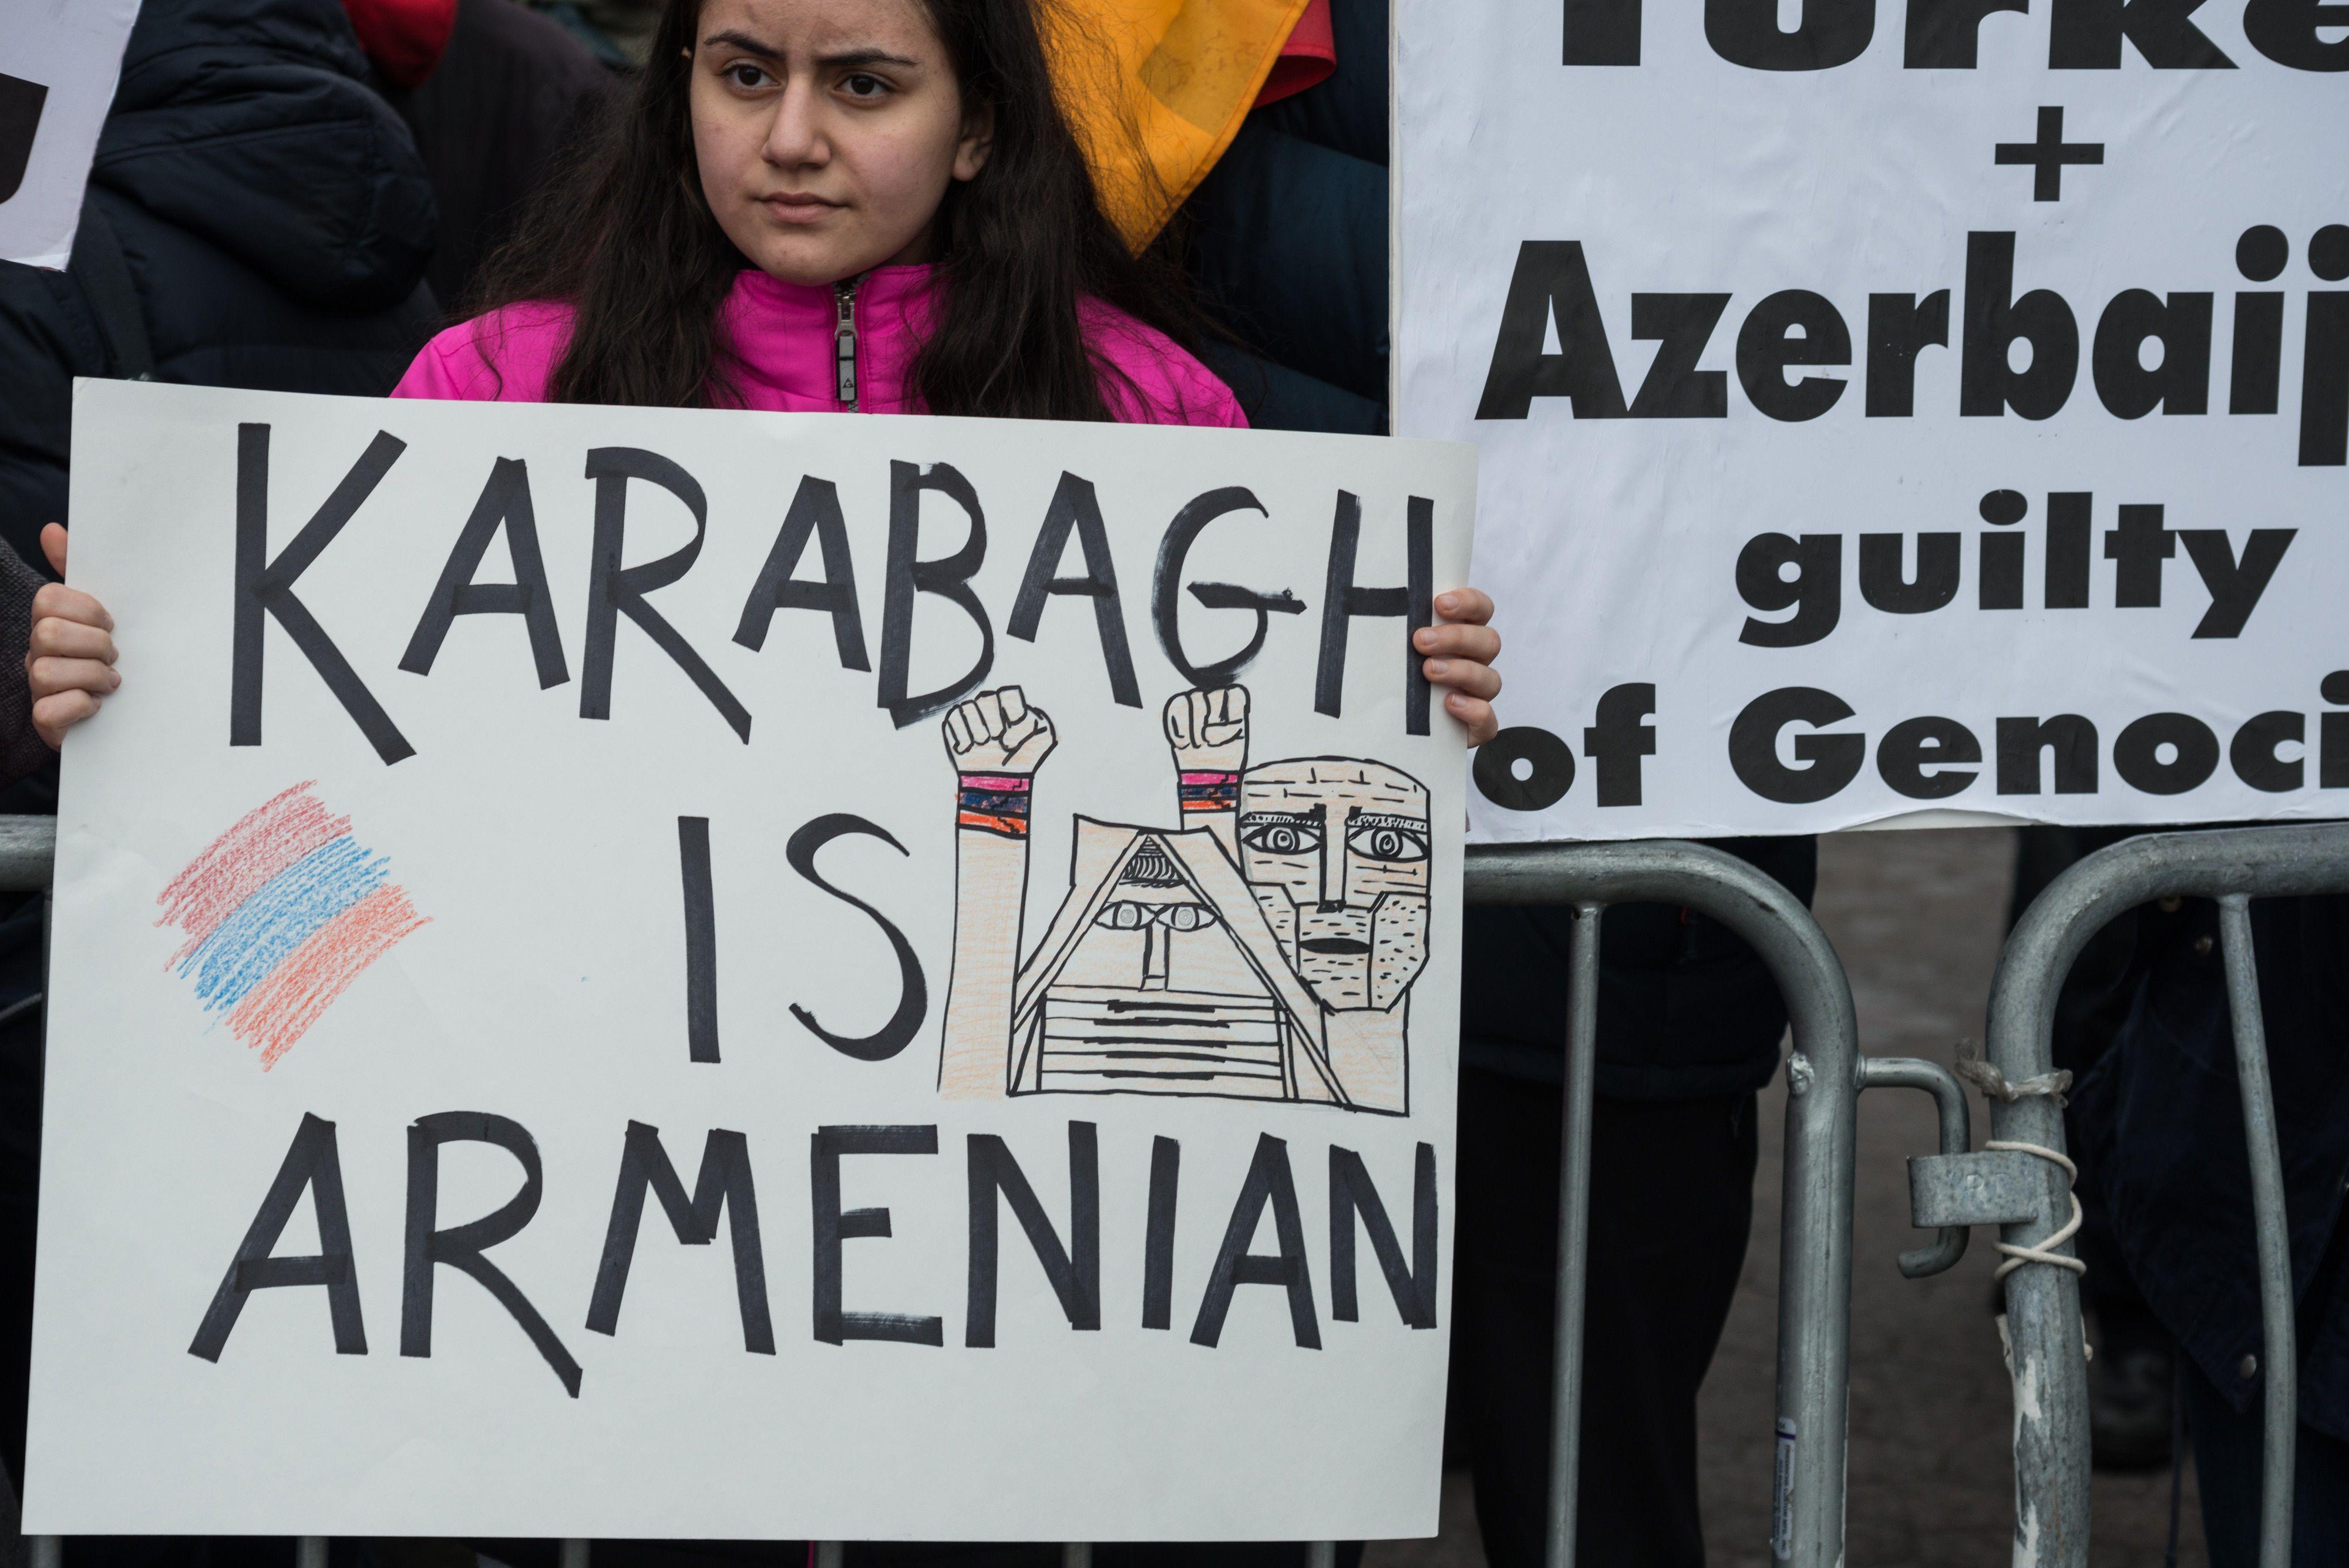 28/09/2020 Manifestación de la comunidad armenia en Estados Unidos frente a la sede de Naciones Unidas, en Nueva York, reclamando el fin de las hostilidades entre Armenia y Azerbaiyán sobre la cuestión de Nagorno Karabaj. POLITICA ARMENIA AZERBAIYÁN INTERNACIONAL ALBIN LOHR-JONES / ZUMA PRESS / CONTACTOPHOTO